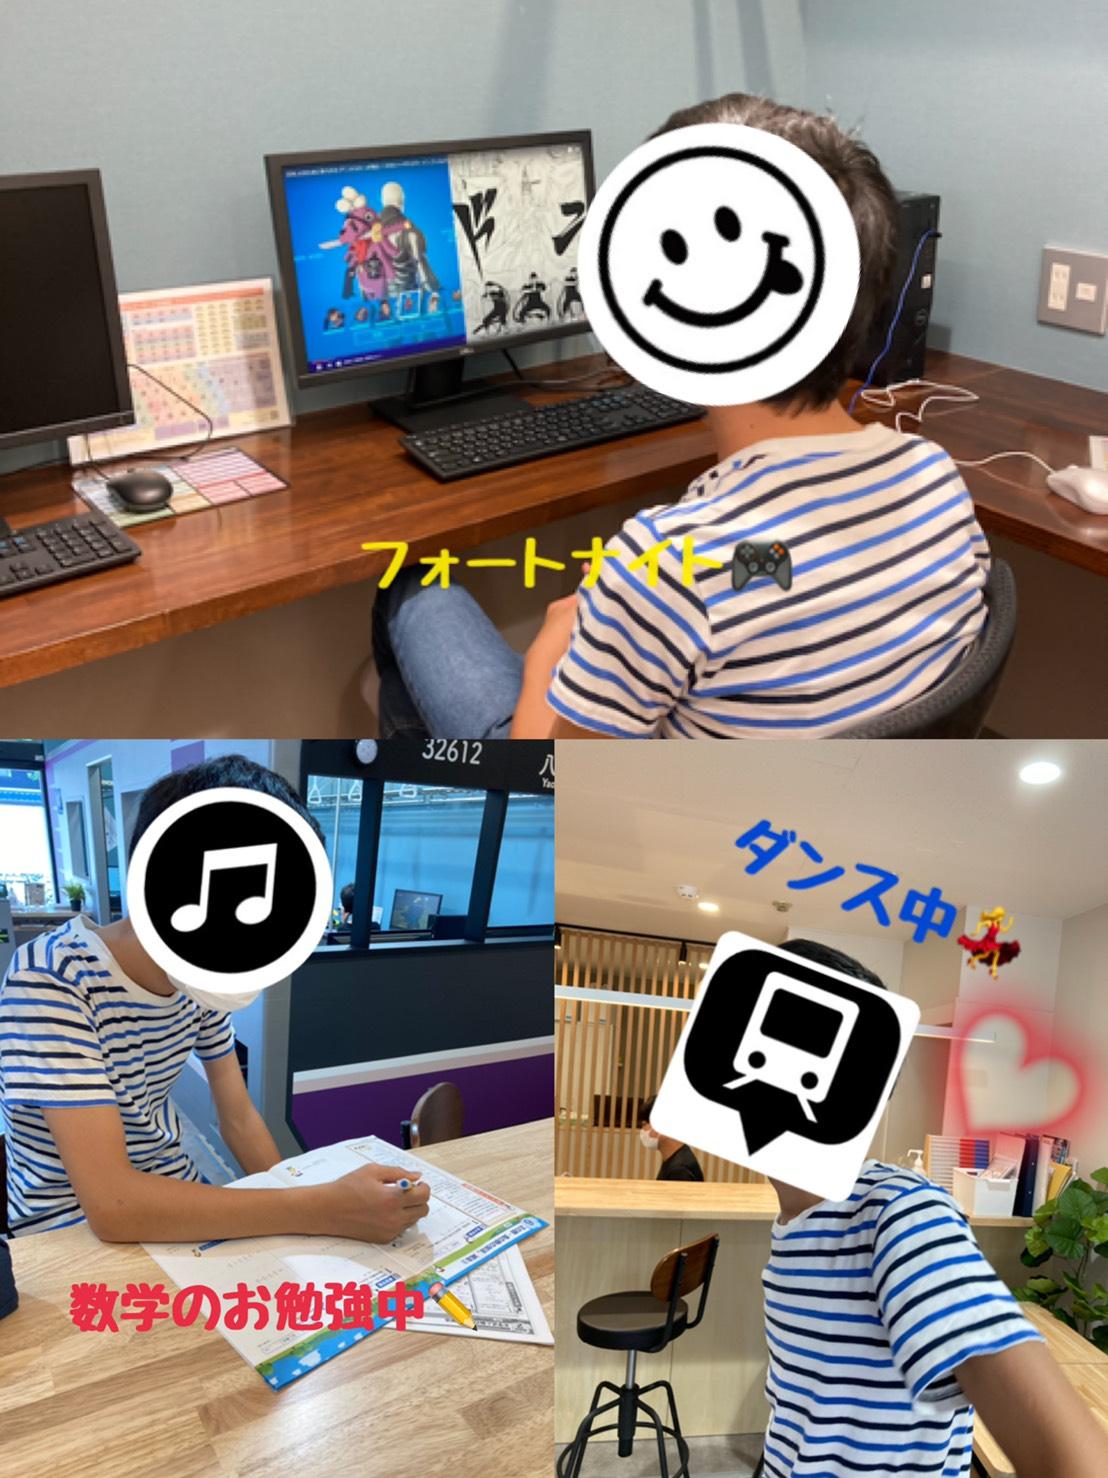 放課後等デイサービストレインキッズ2021.7.21ブログ③